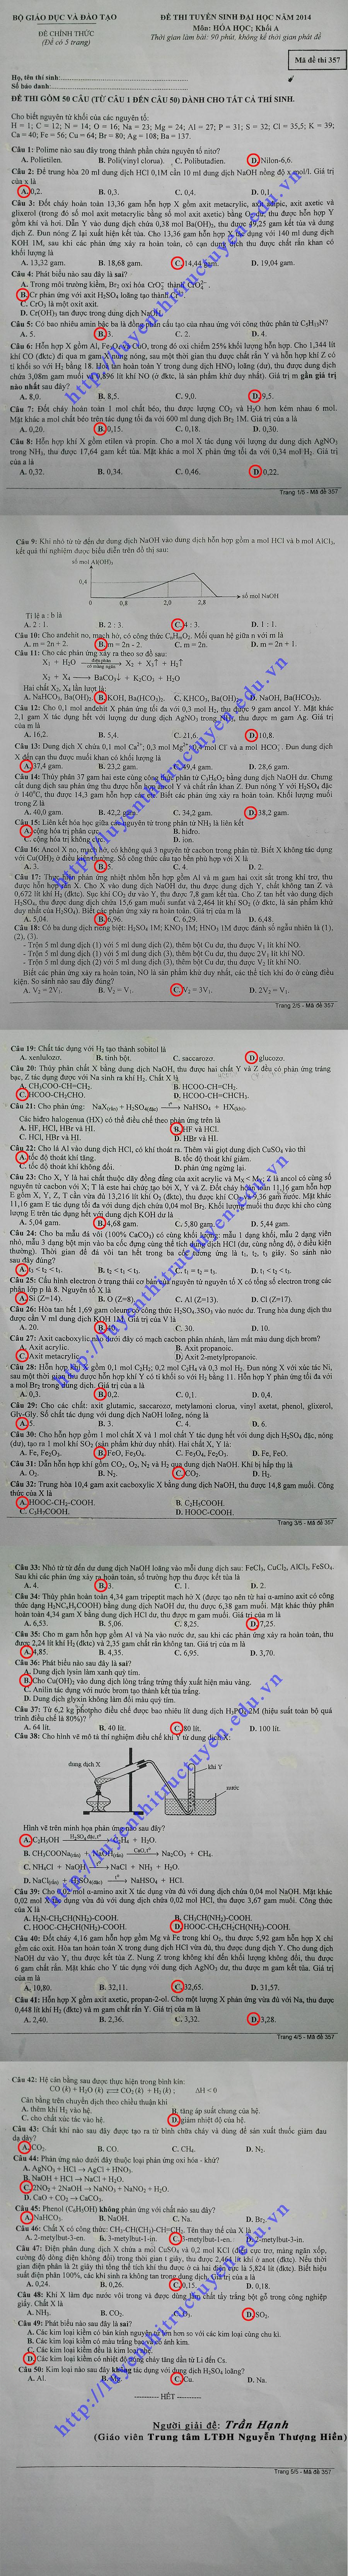 Đáp án đề thi đại học môn Hóa khối A 2014 - Mã đề 357